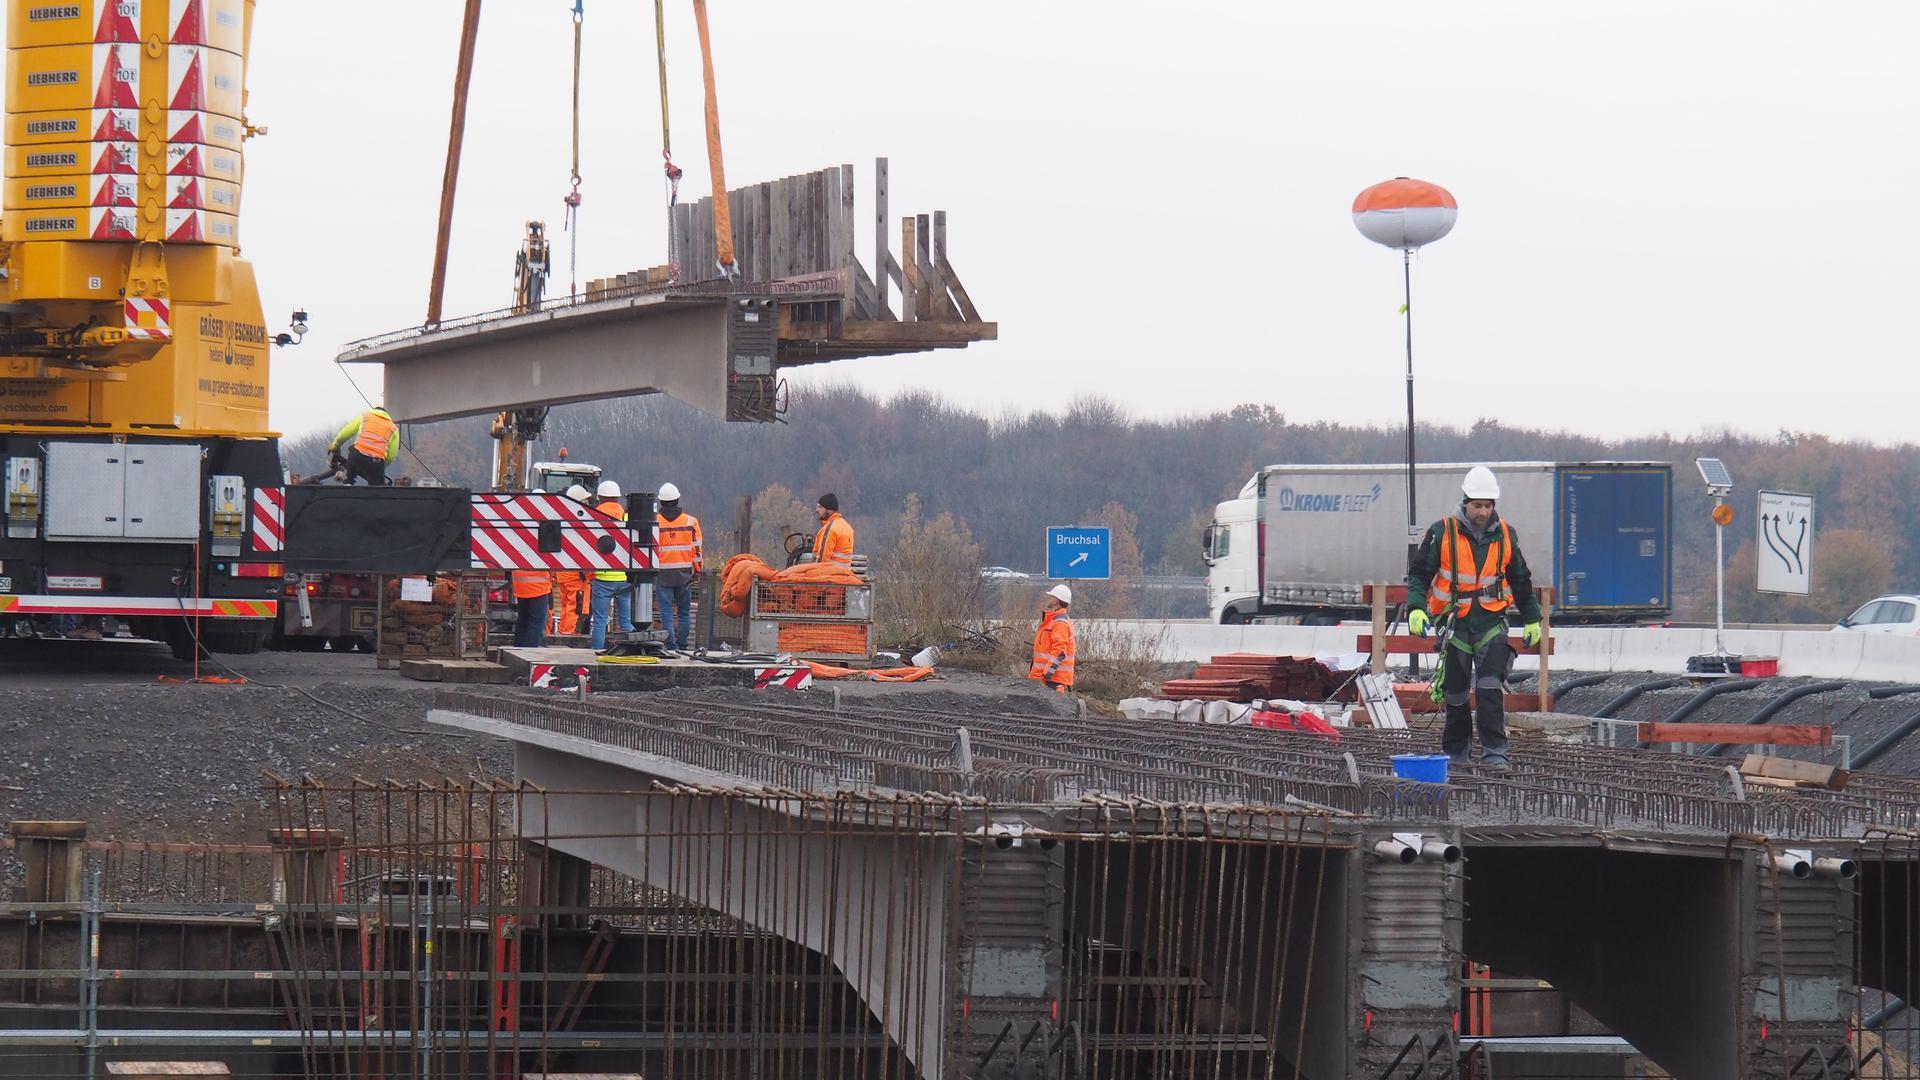 Bauarbeiten an Brücke der A5 bei Bruchsal